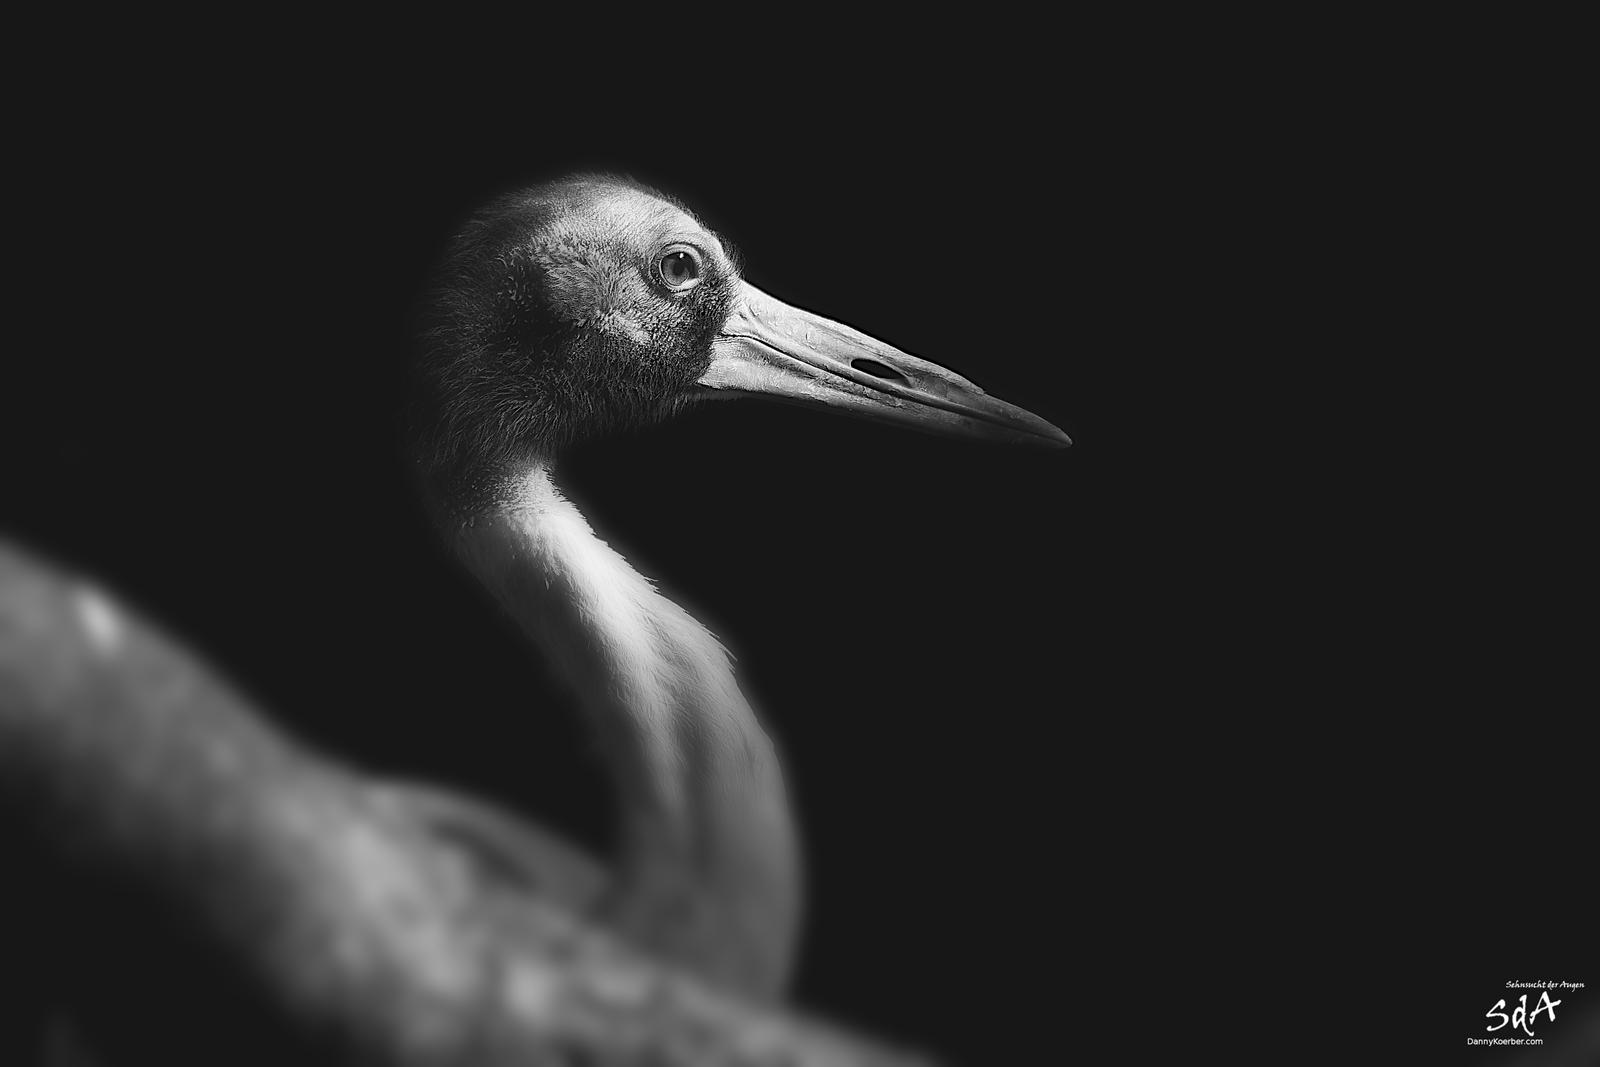 Ein Kranich im Schatten der Sonne. Vögel, fotografiert in schwarz Weiß von Danny Koerber für Sehnsucht der Augen.